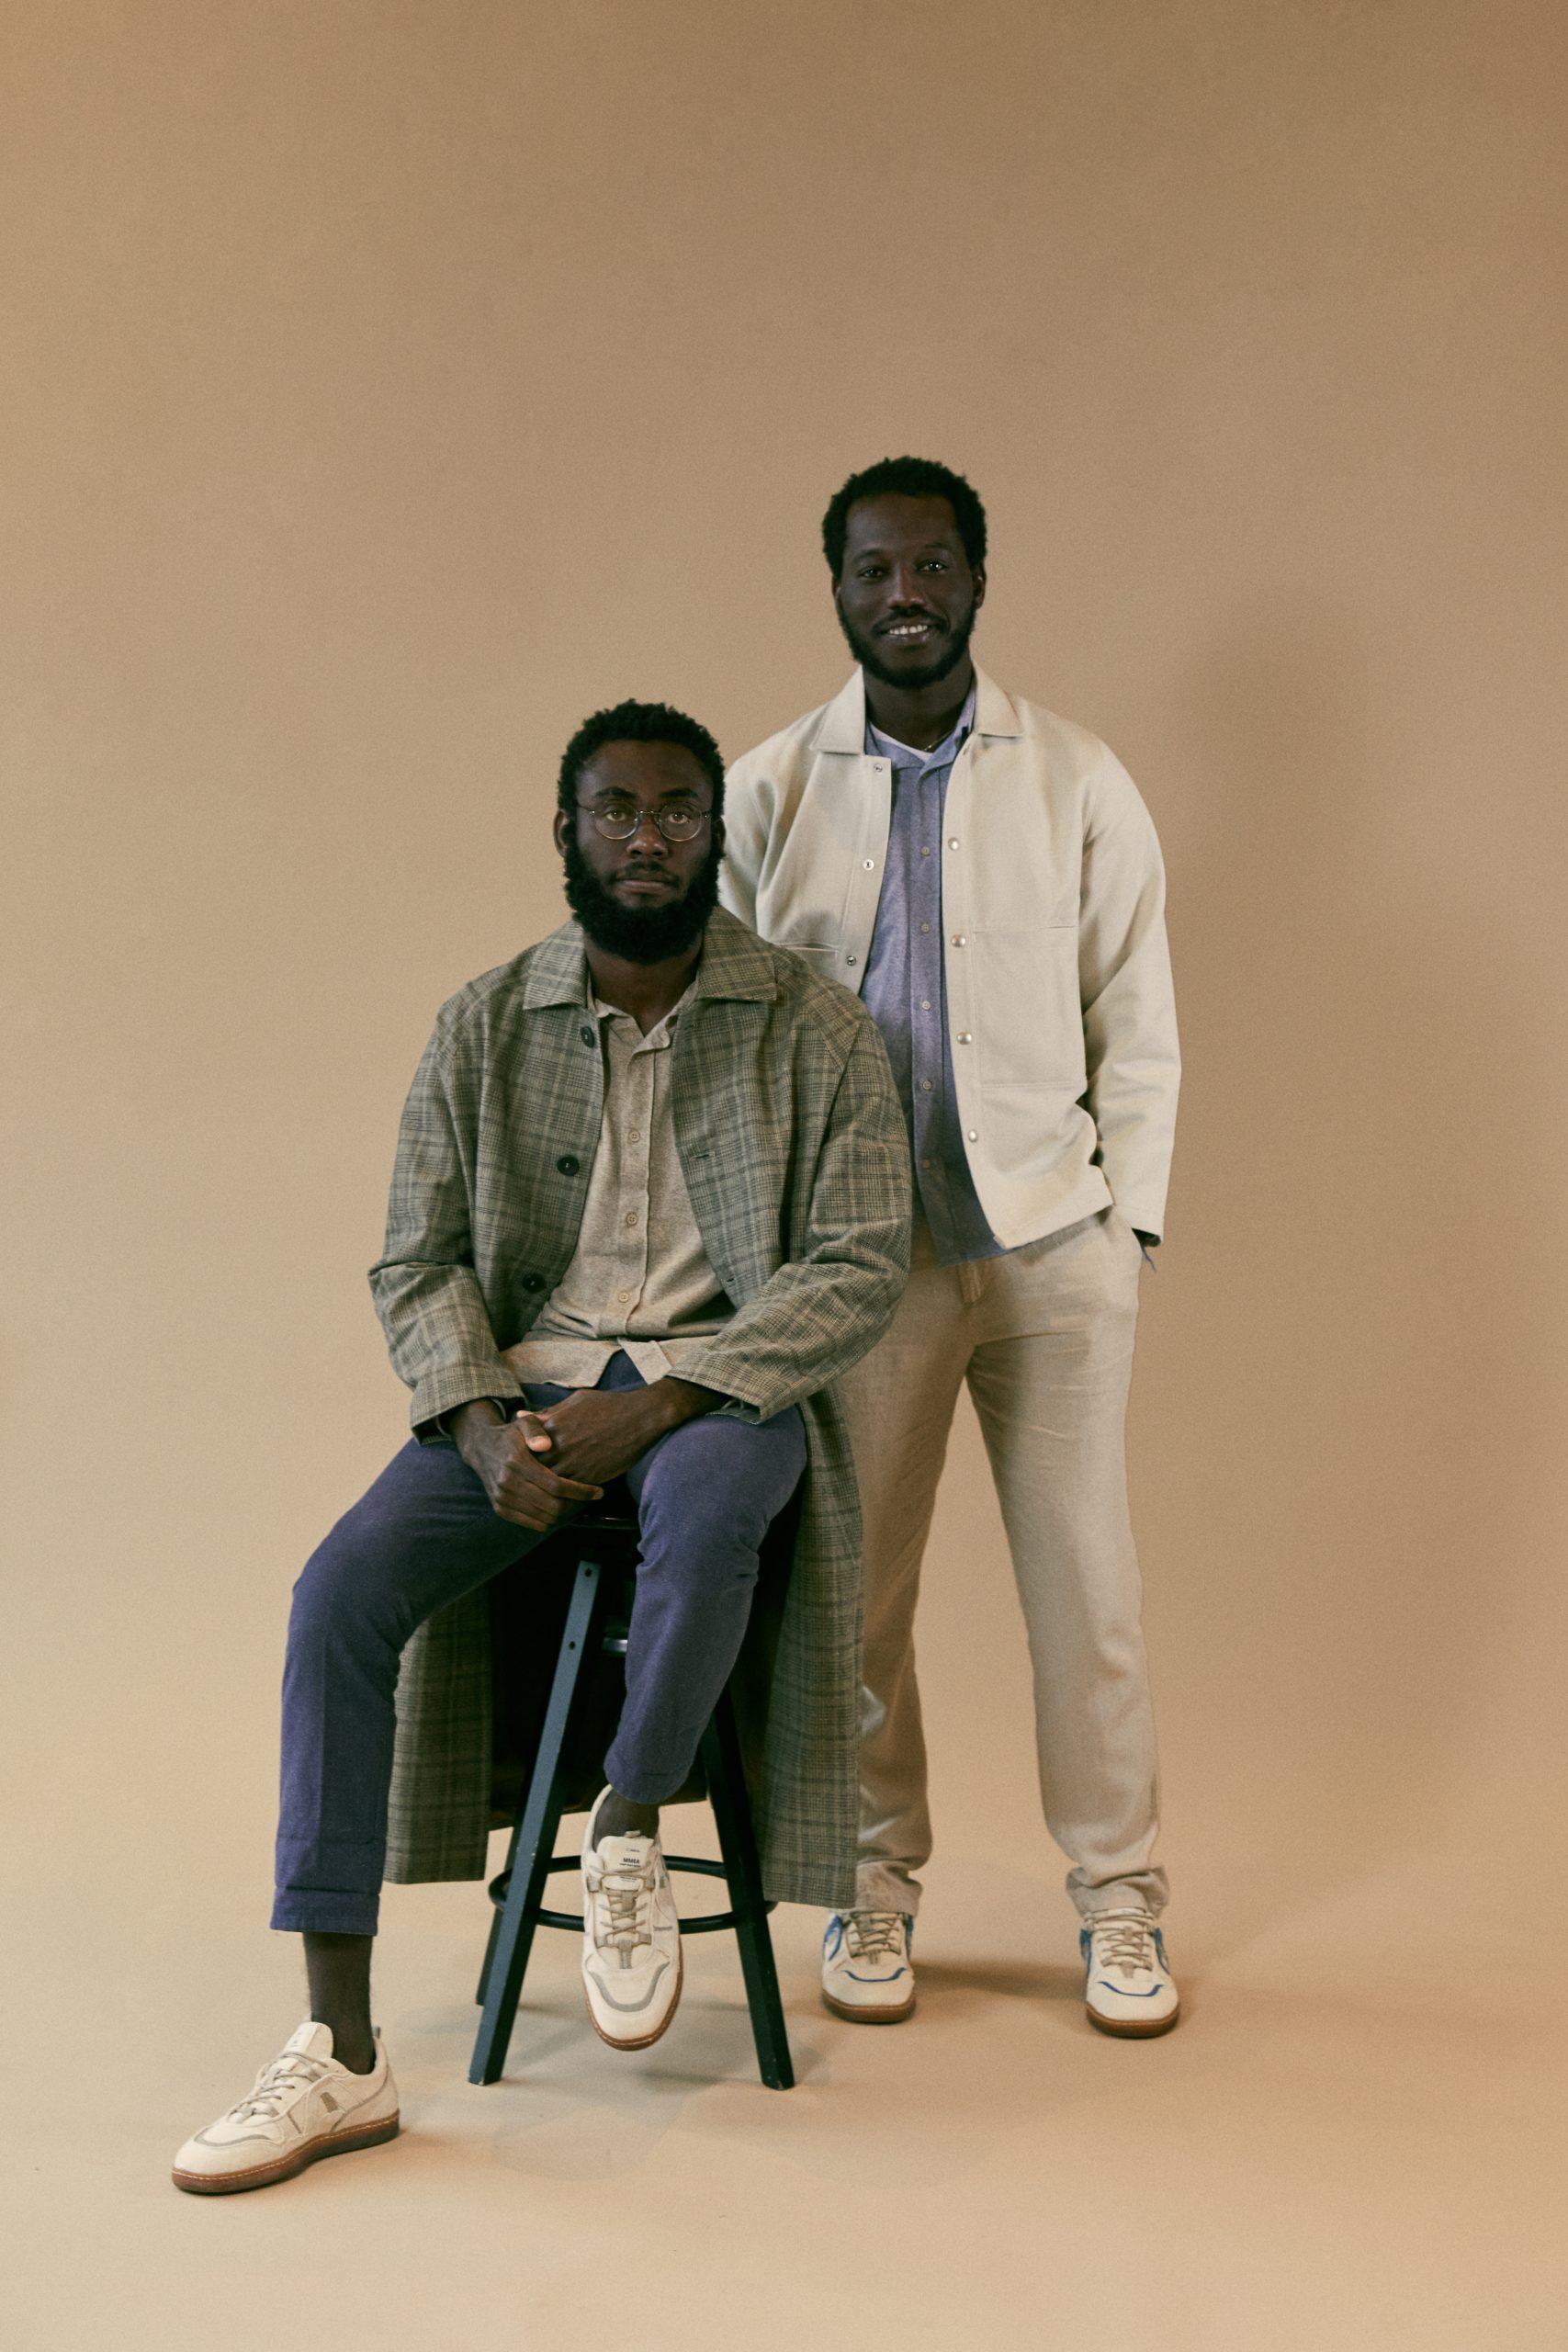 Umoja Shoes, Lancine et Dieuveil, fondateurs - Studio ©Charlain